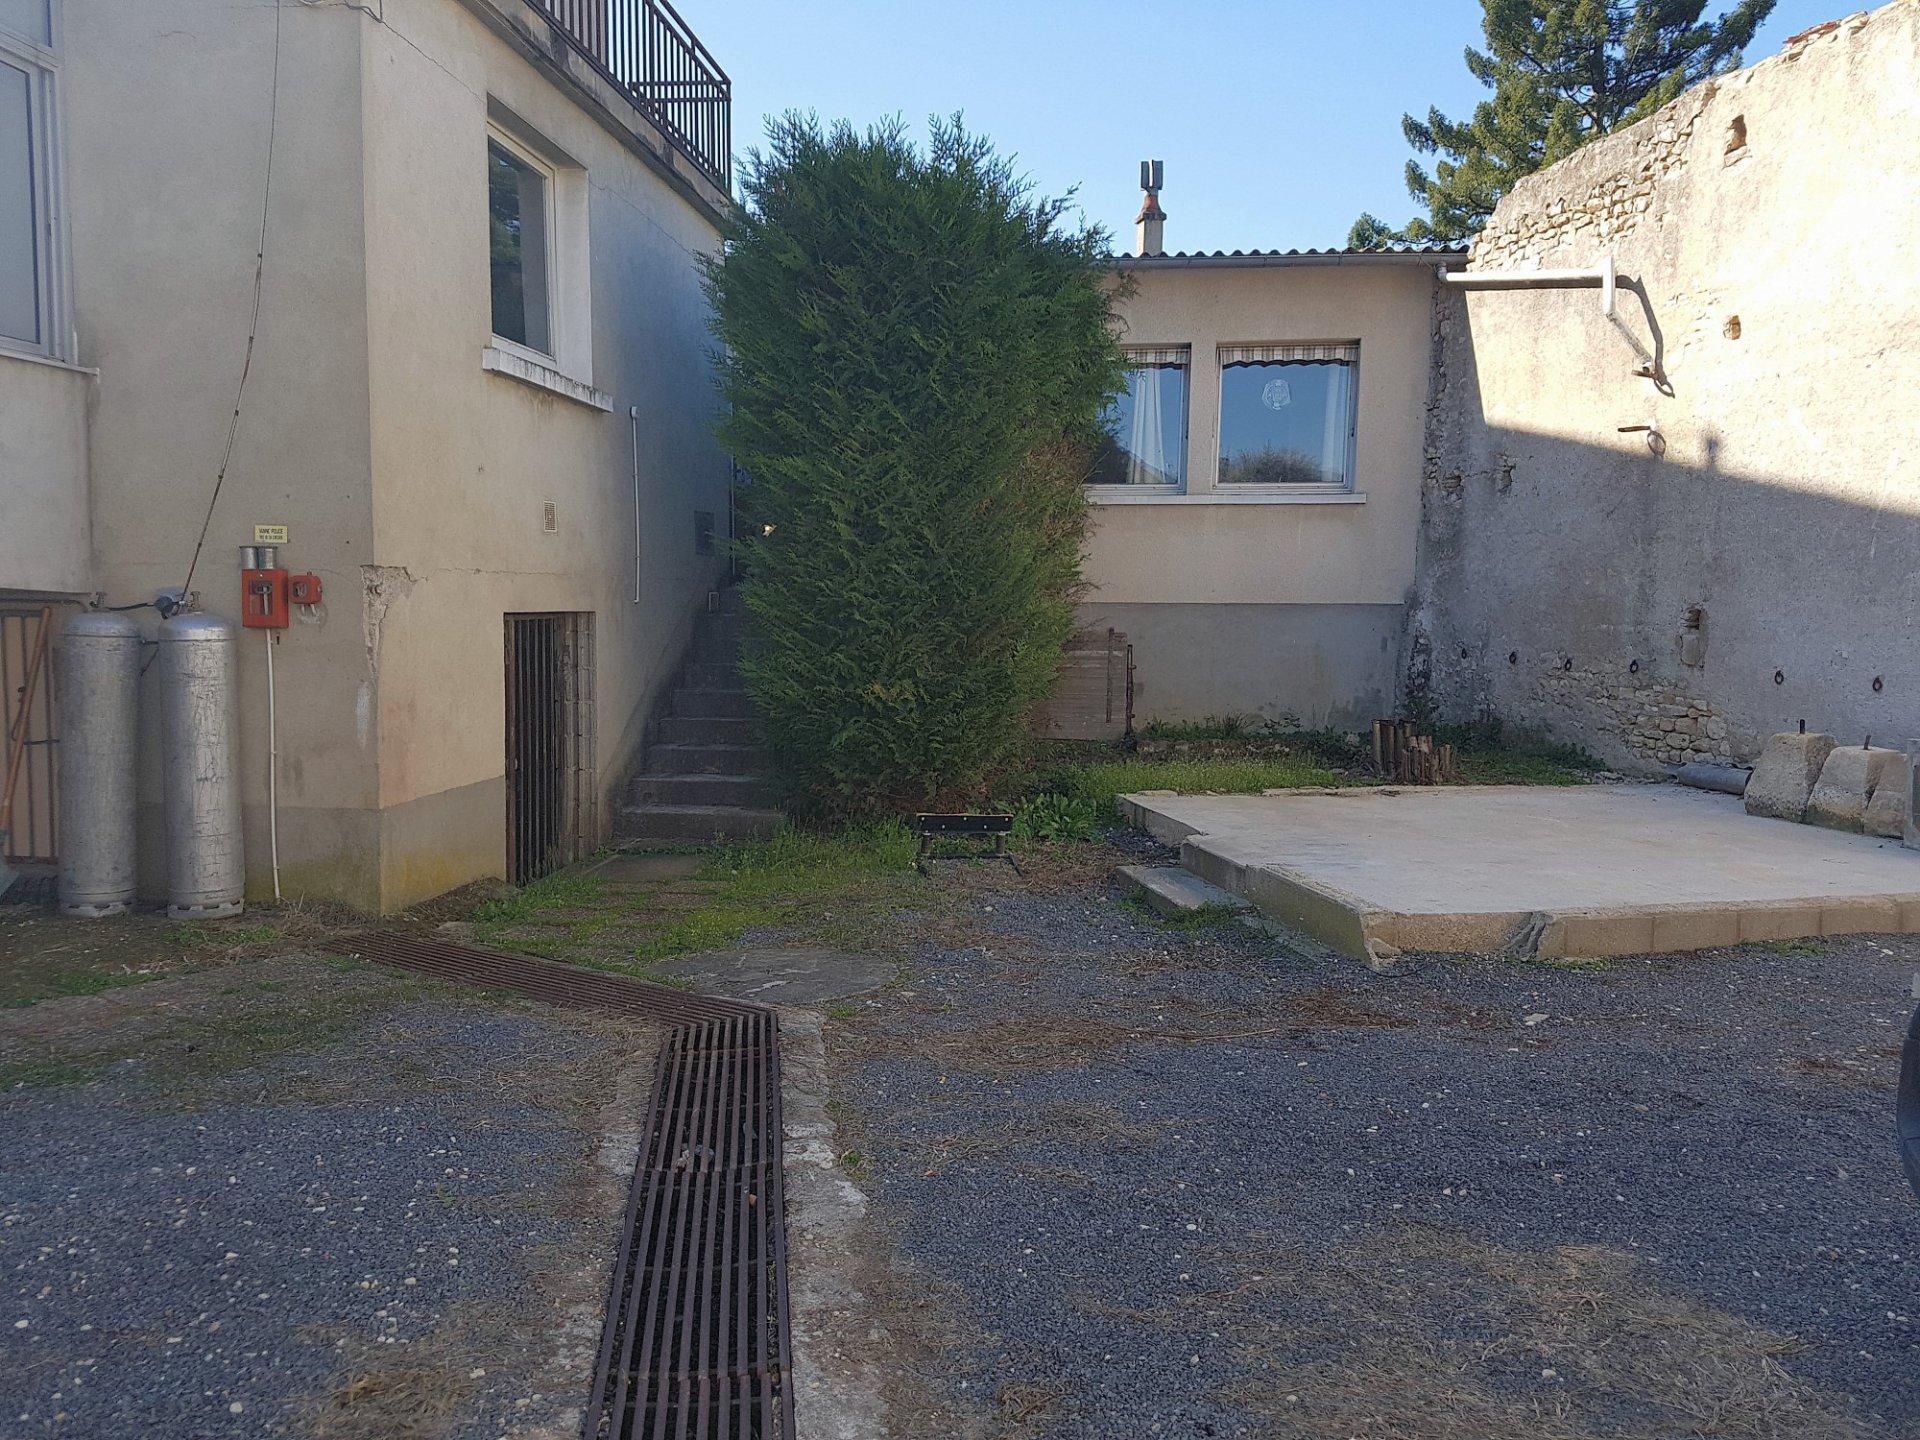 Proche Saint Savin, Vienne 86: bâtiment avec cour et parking